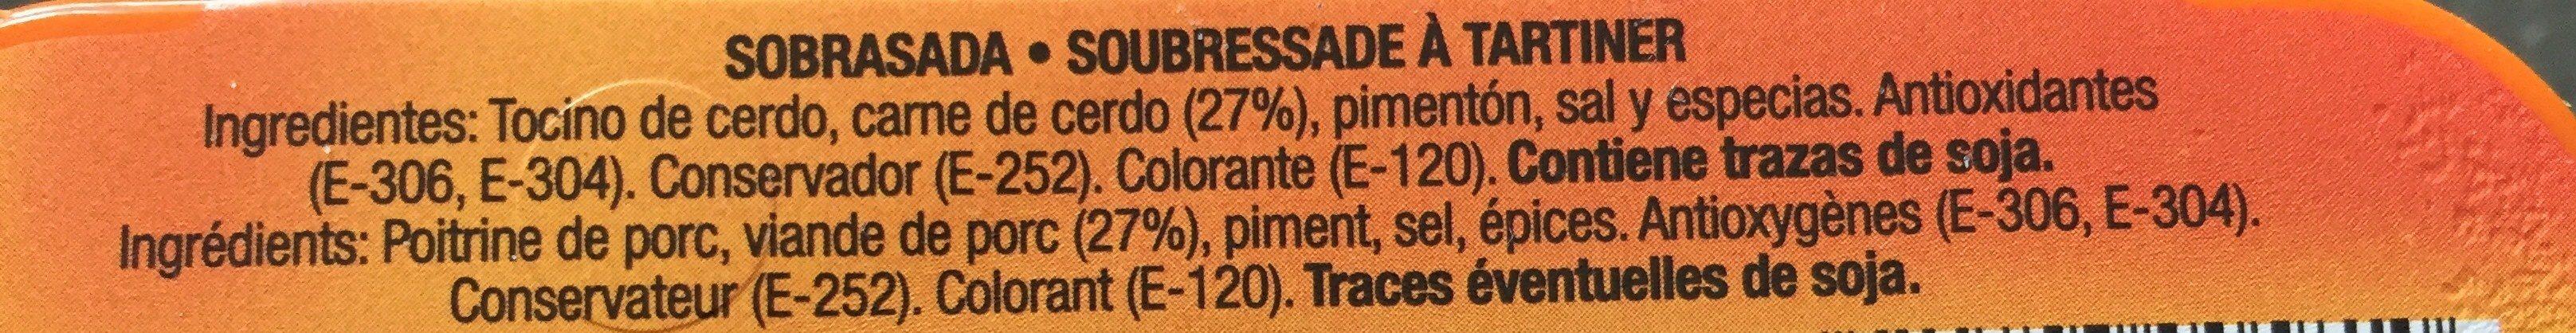 Sobrasada - Ingrédients